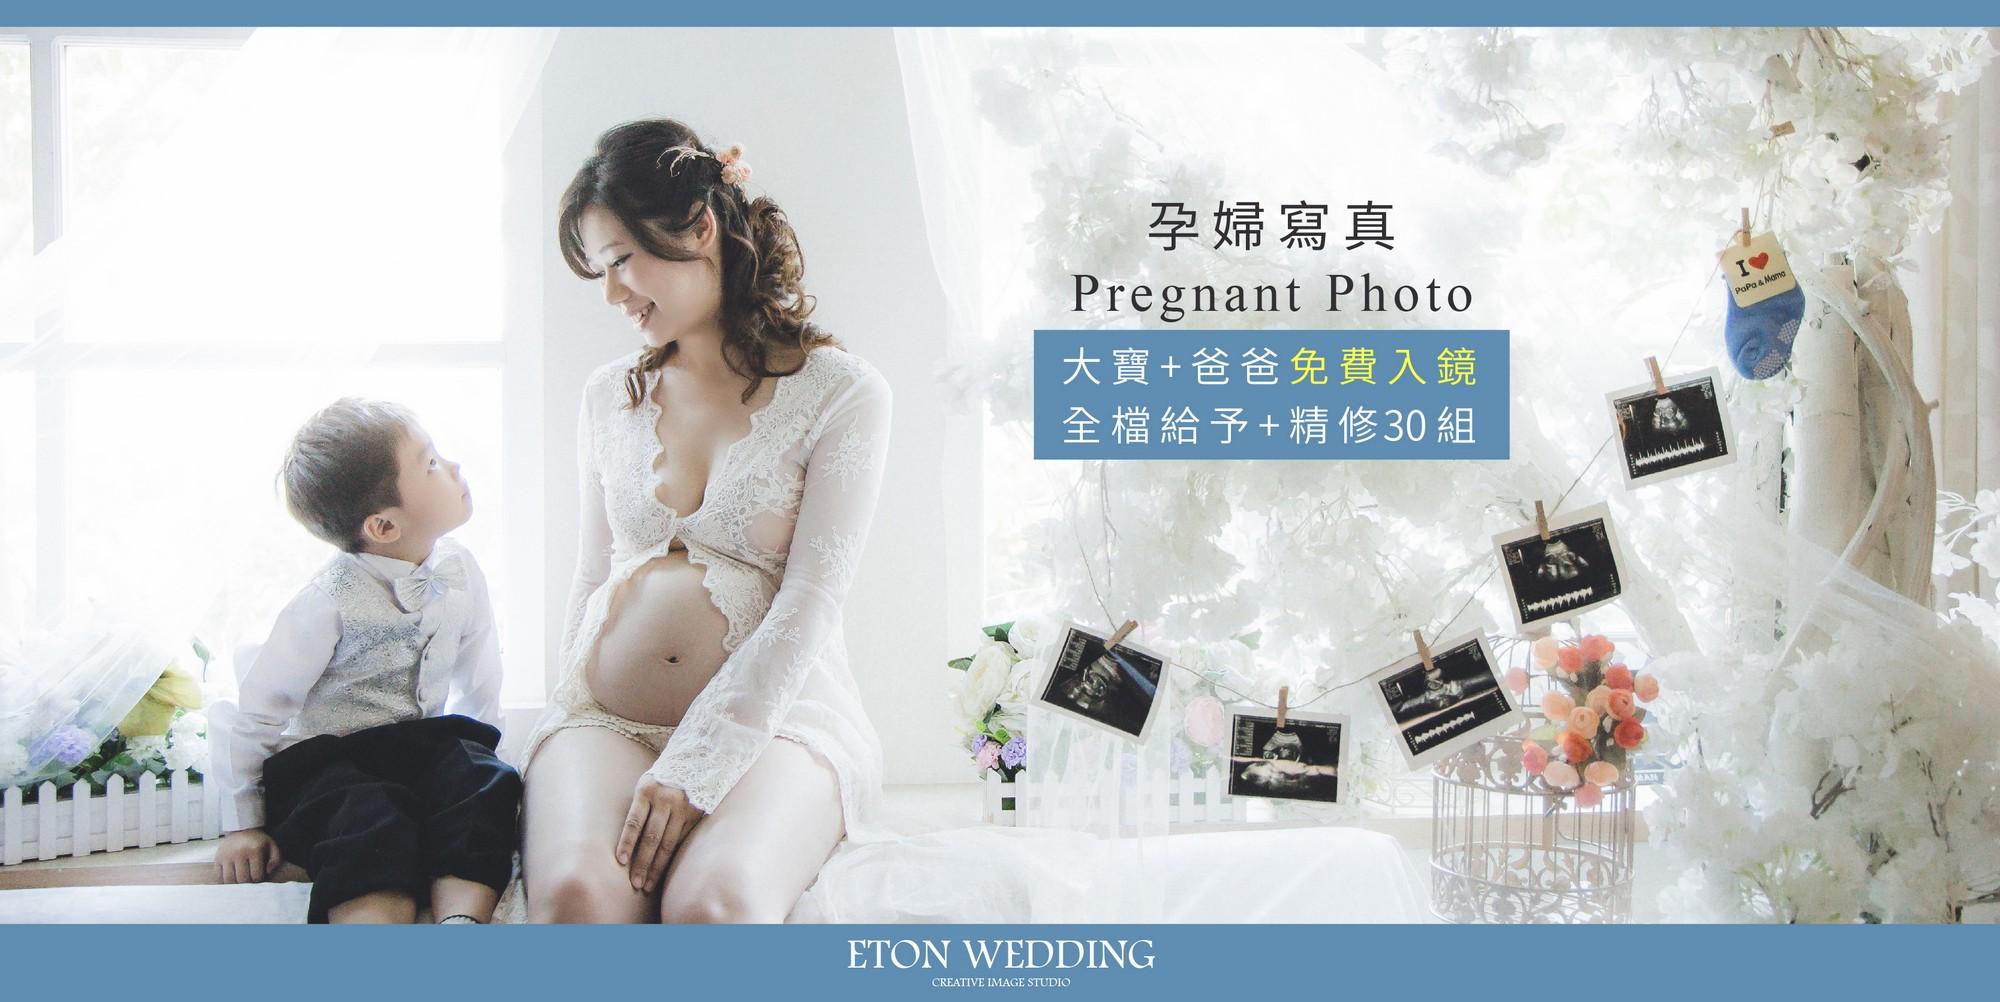 孕婦寫真,孕媽咪攝影,孕婦裝,孕婦照,孕媽咪寫真,孕婦攝影,孕婦照 風格,孕婦寫真 推薦,孕婦寫真 價格